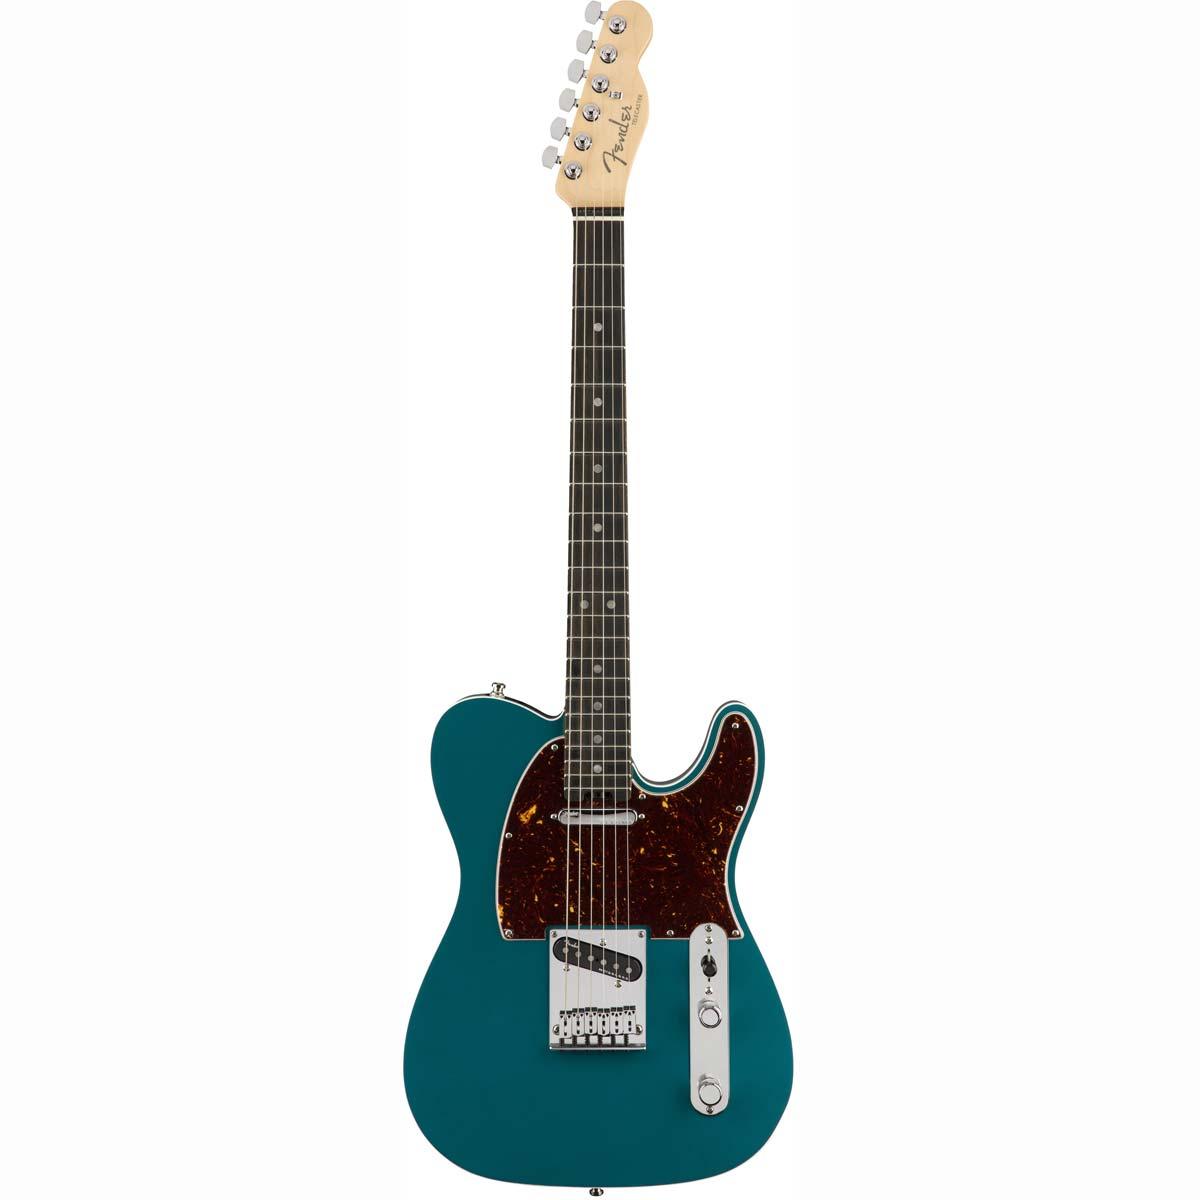 Fender American Elite Telecaster, EB, OCT el-guitar ocean turquoise